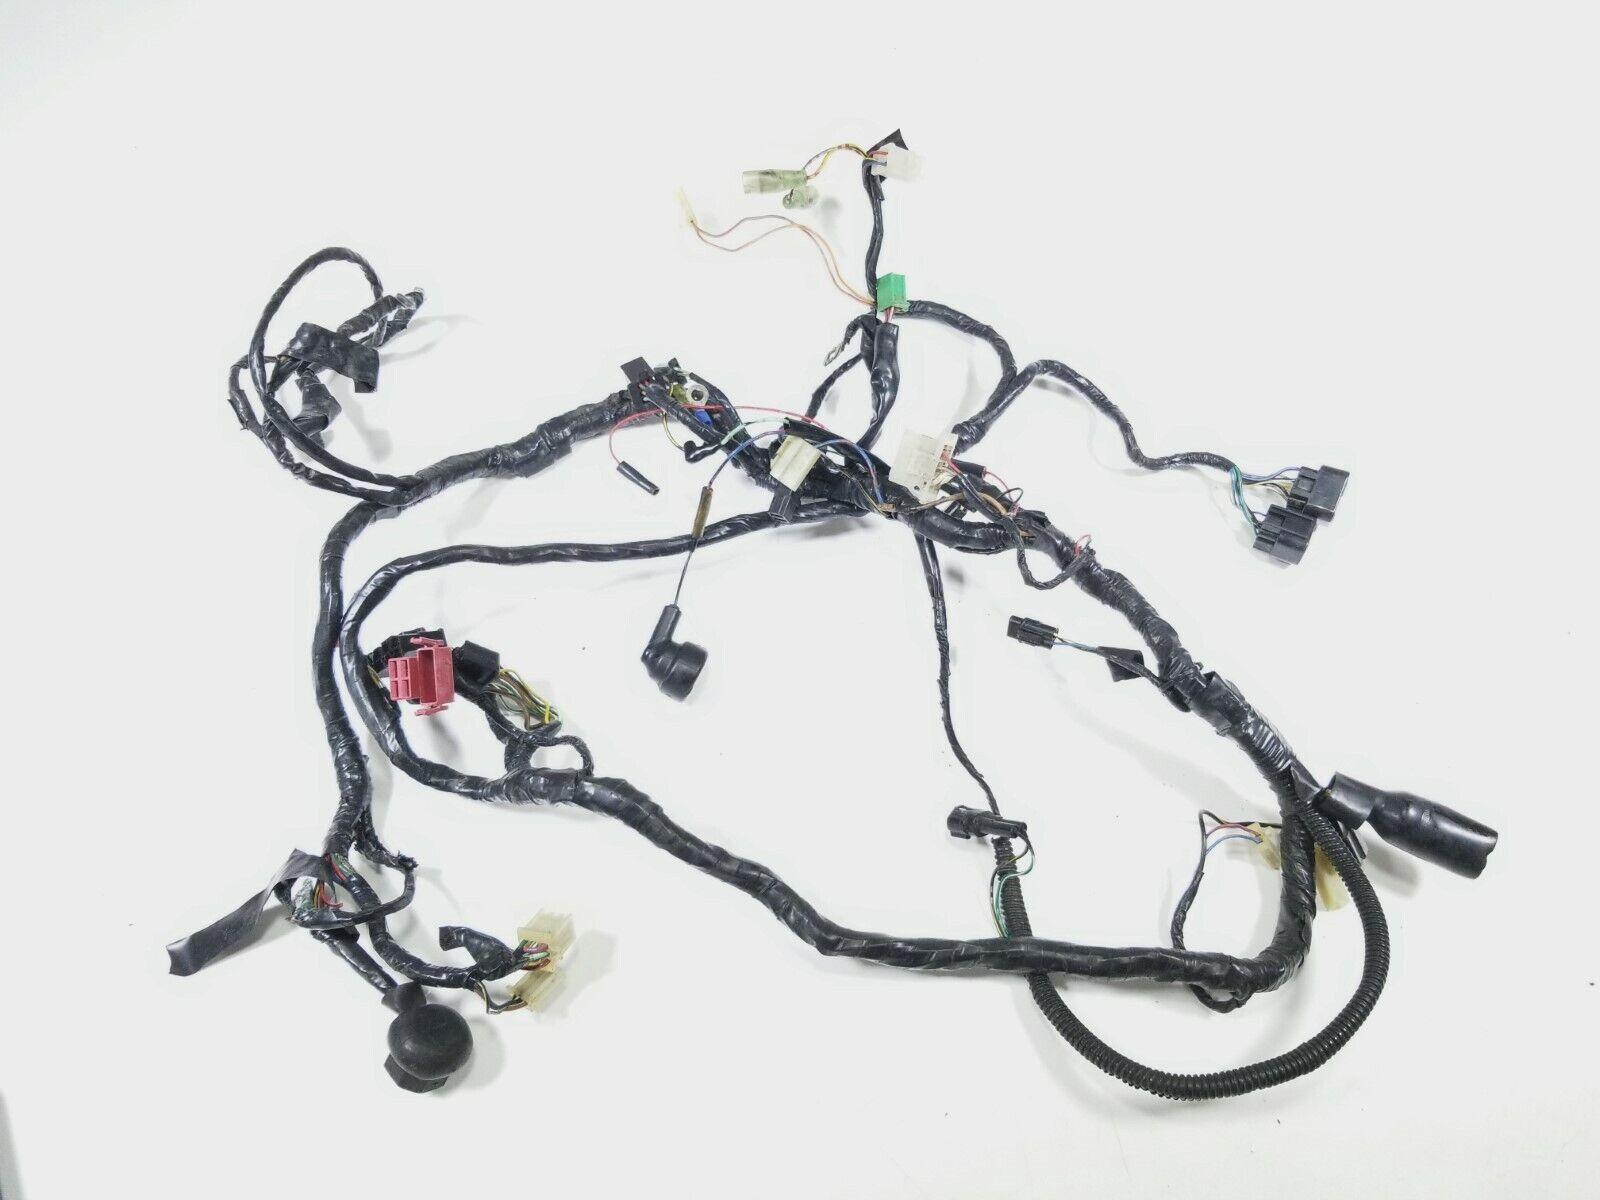 00 Kawasaki Zrx Zrx Main Wiring Wire Harness Loom